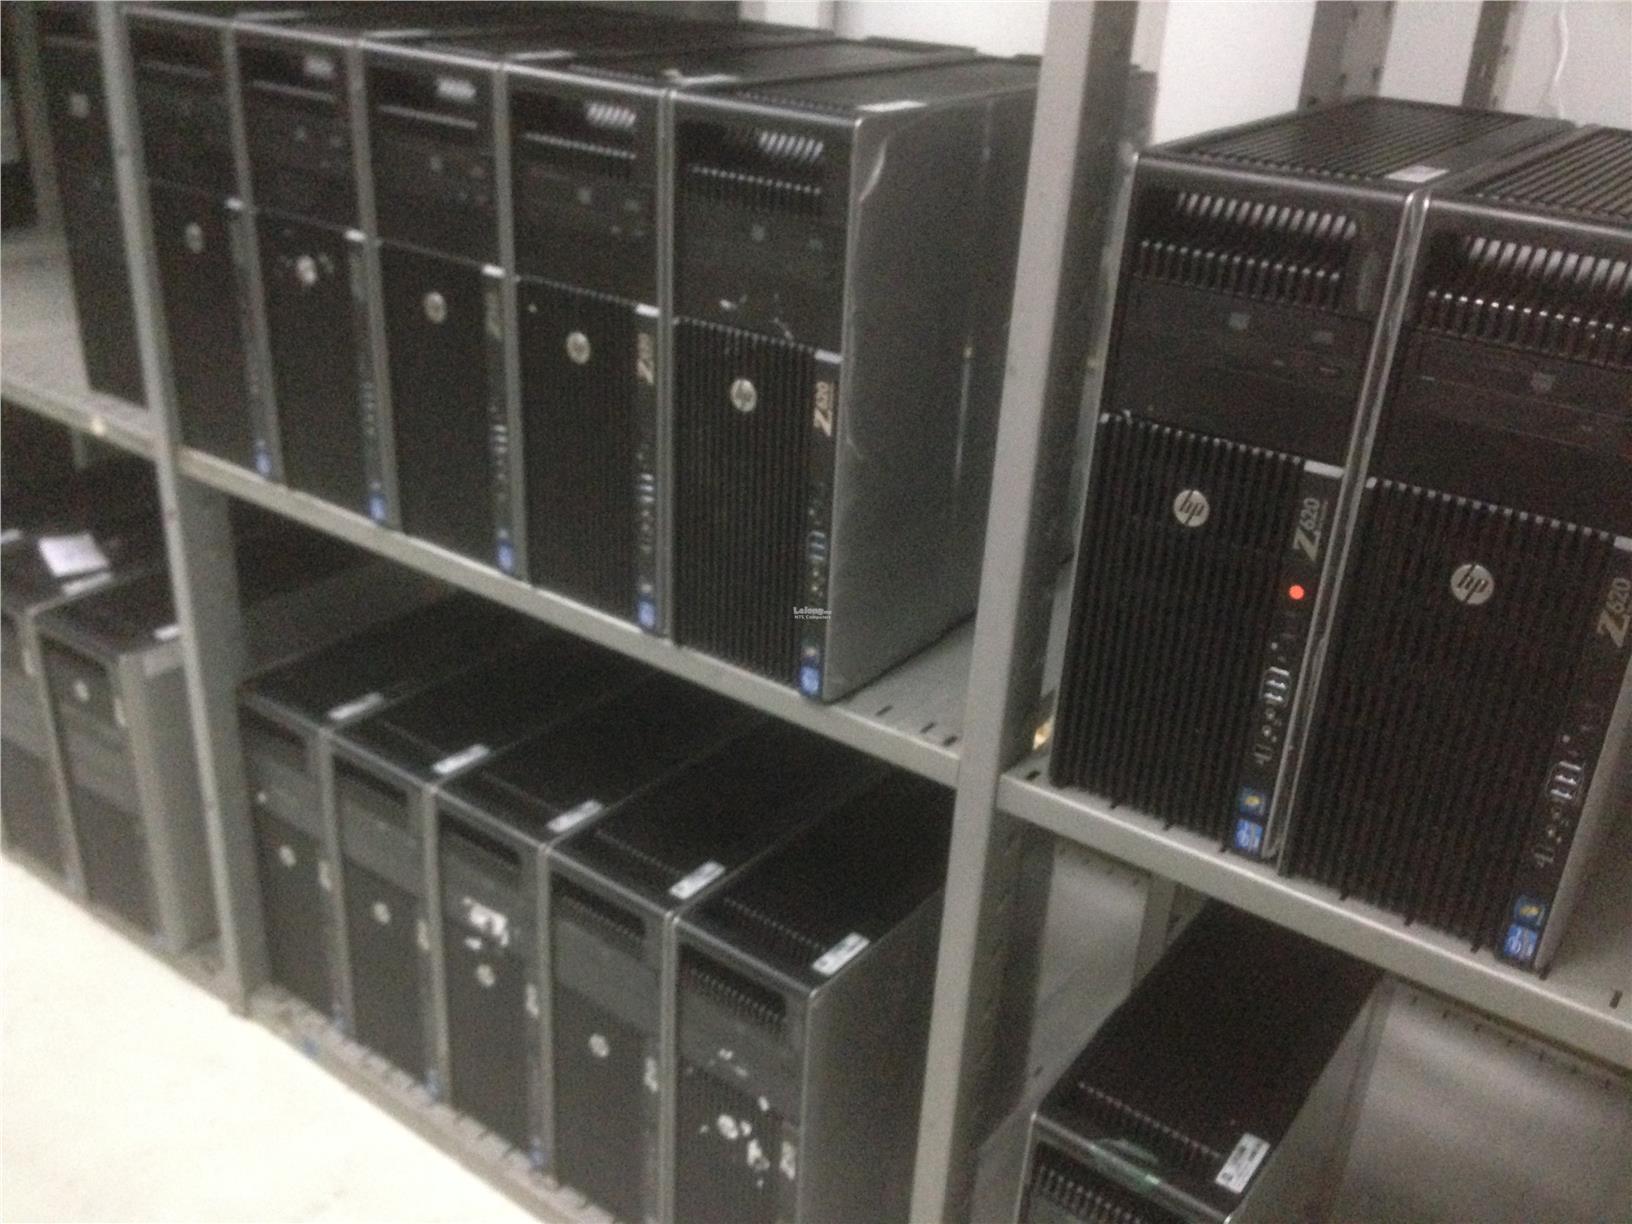 HP Z620 Workstation Empty Base Station v2, 2x Cooler, Dual cpu base